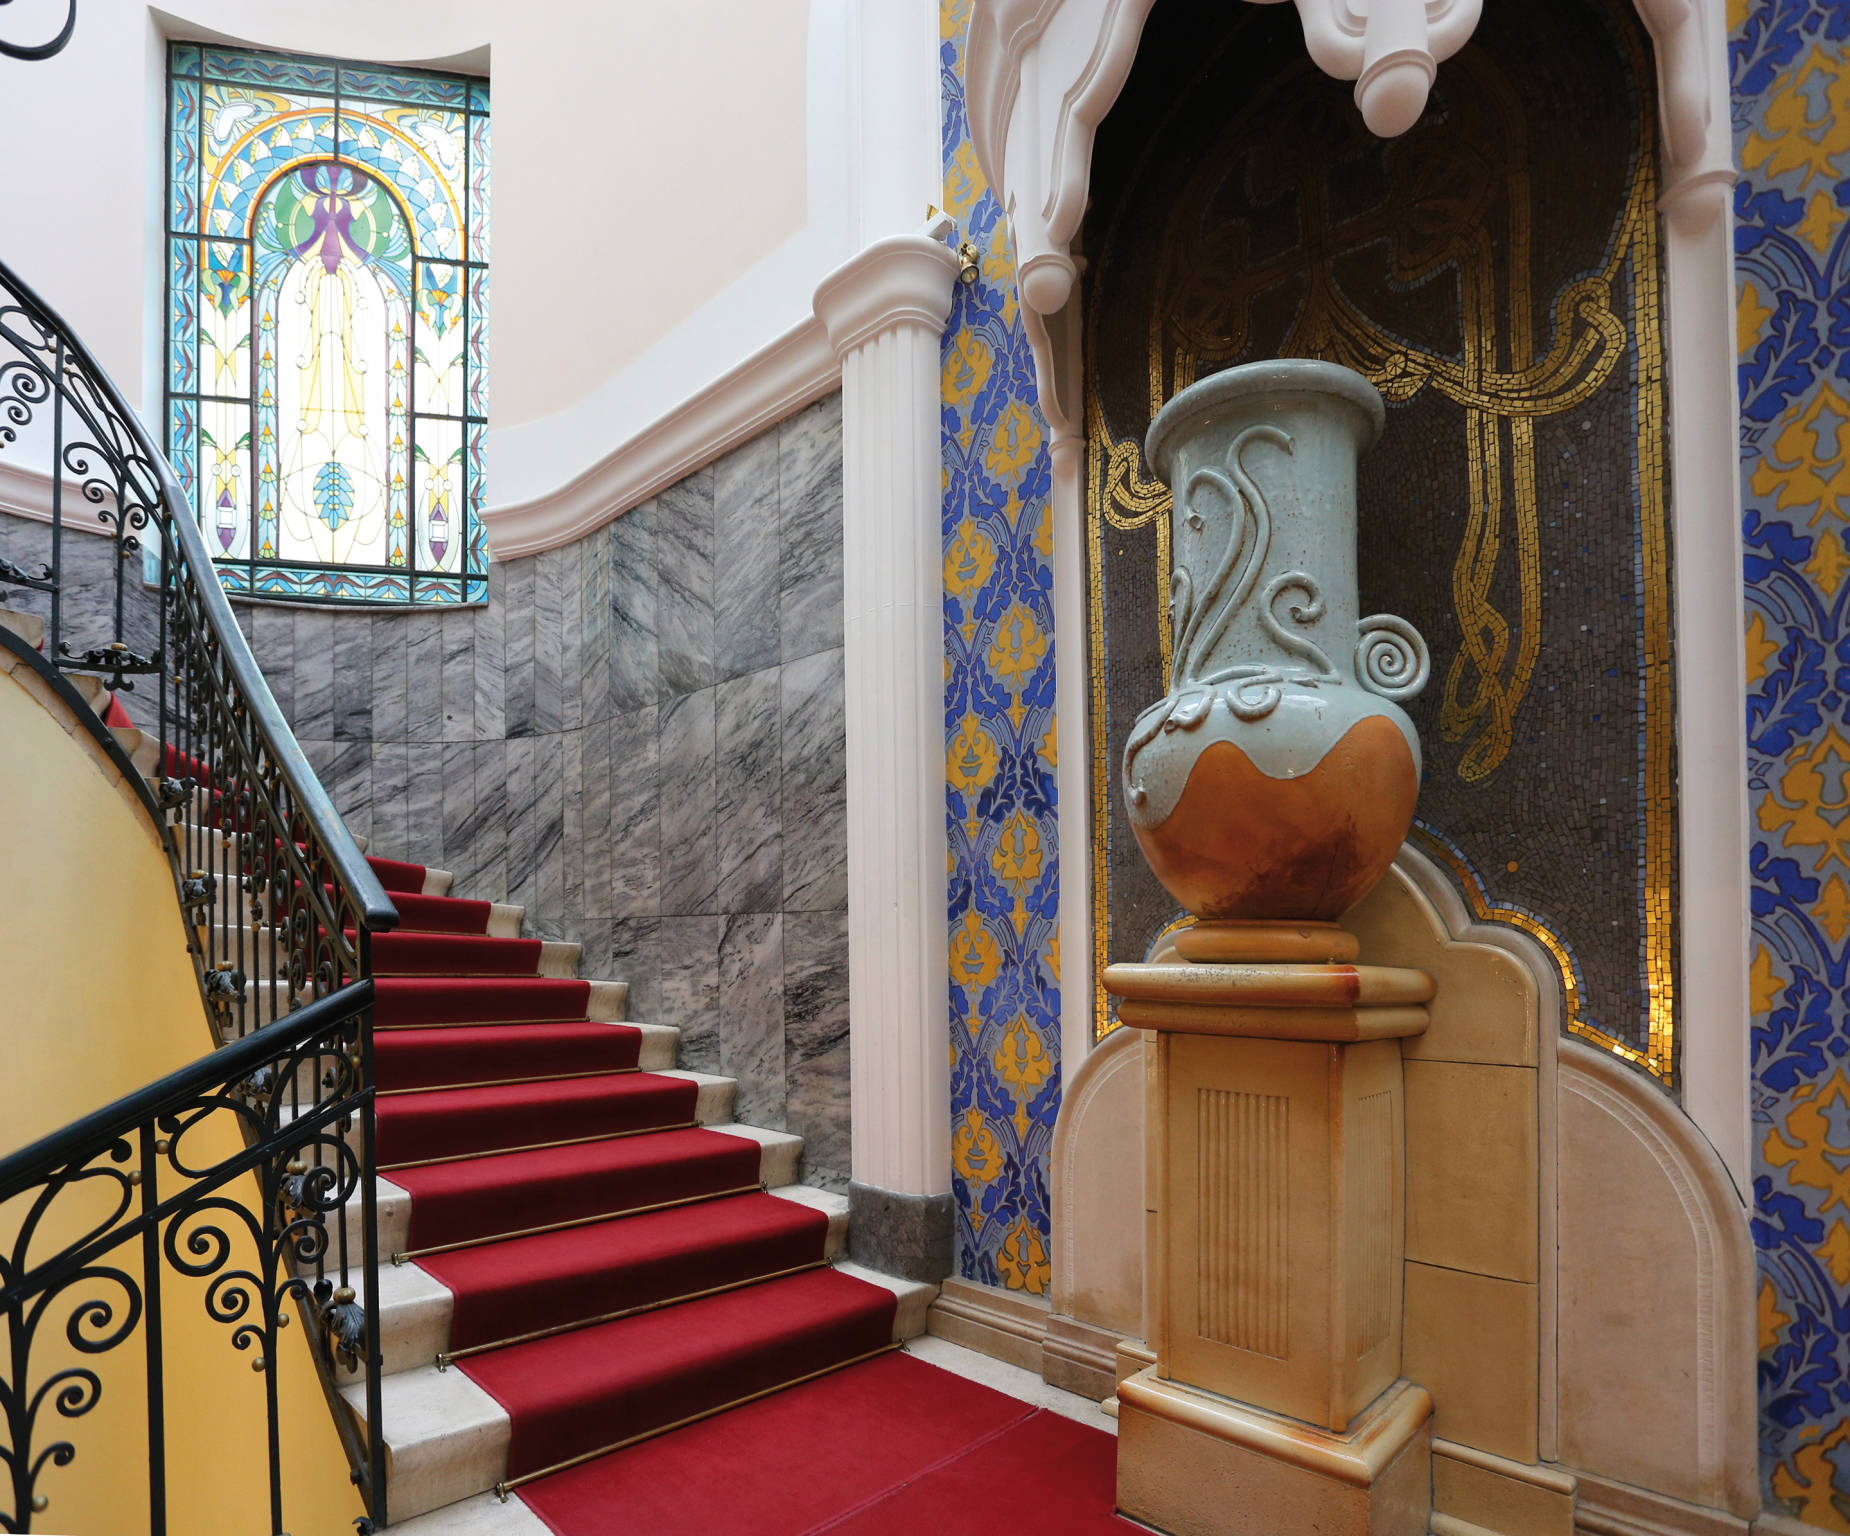 Hotel Palatinus City Center Pécs - Fotó a lobby-ról